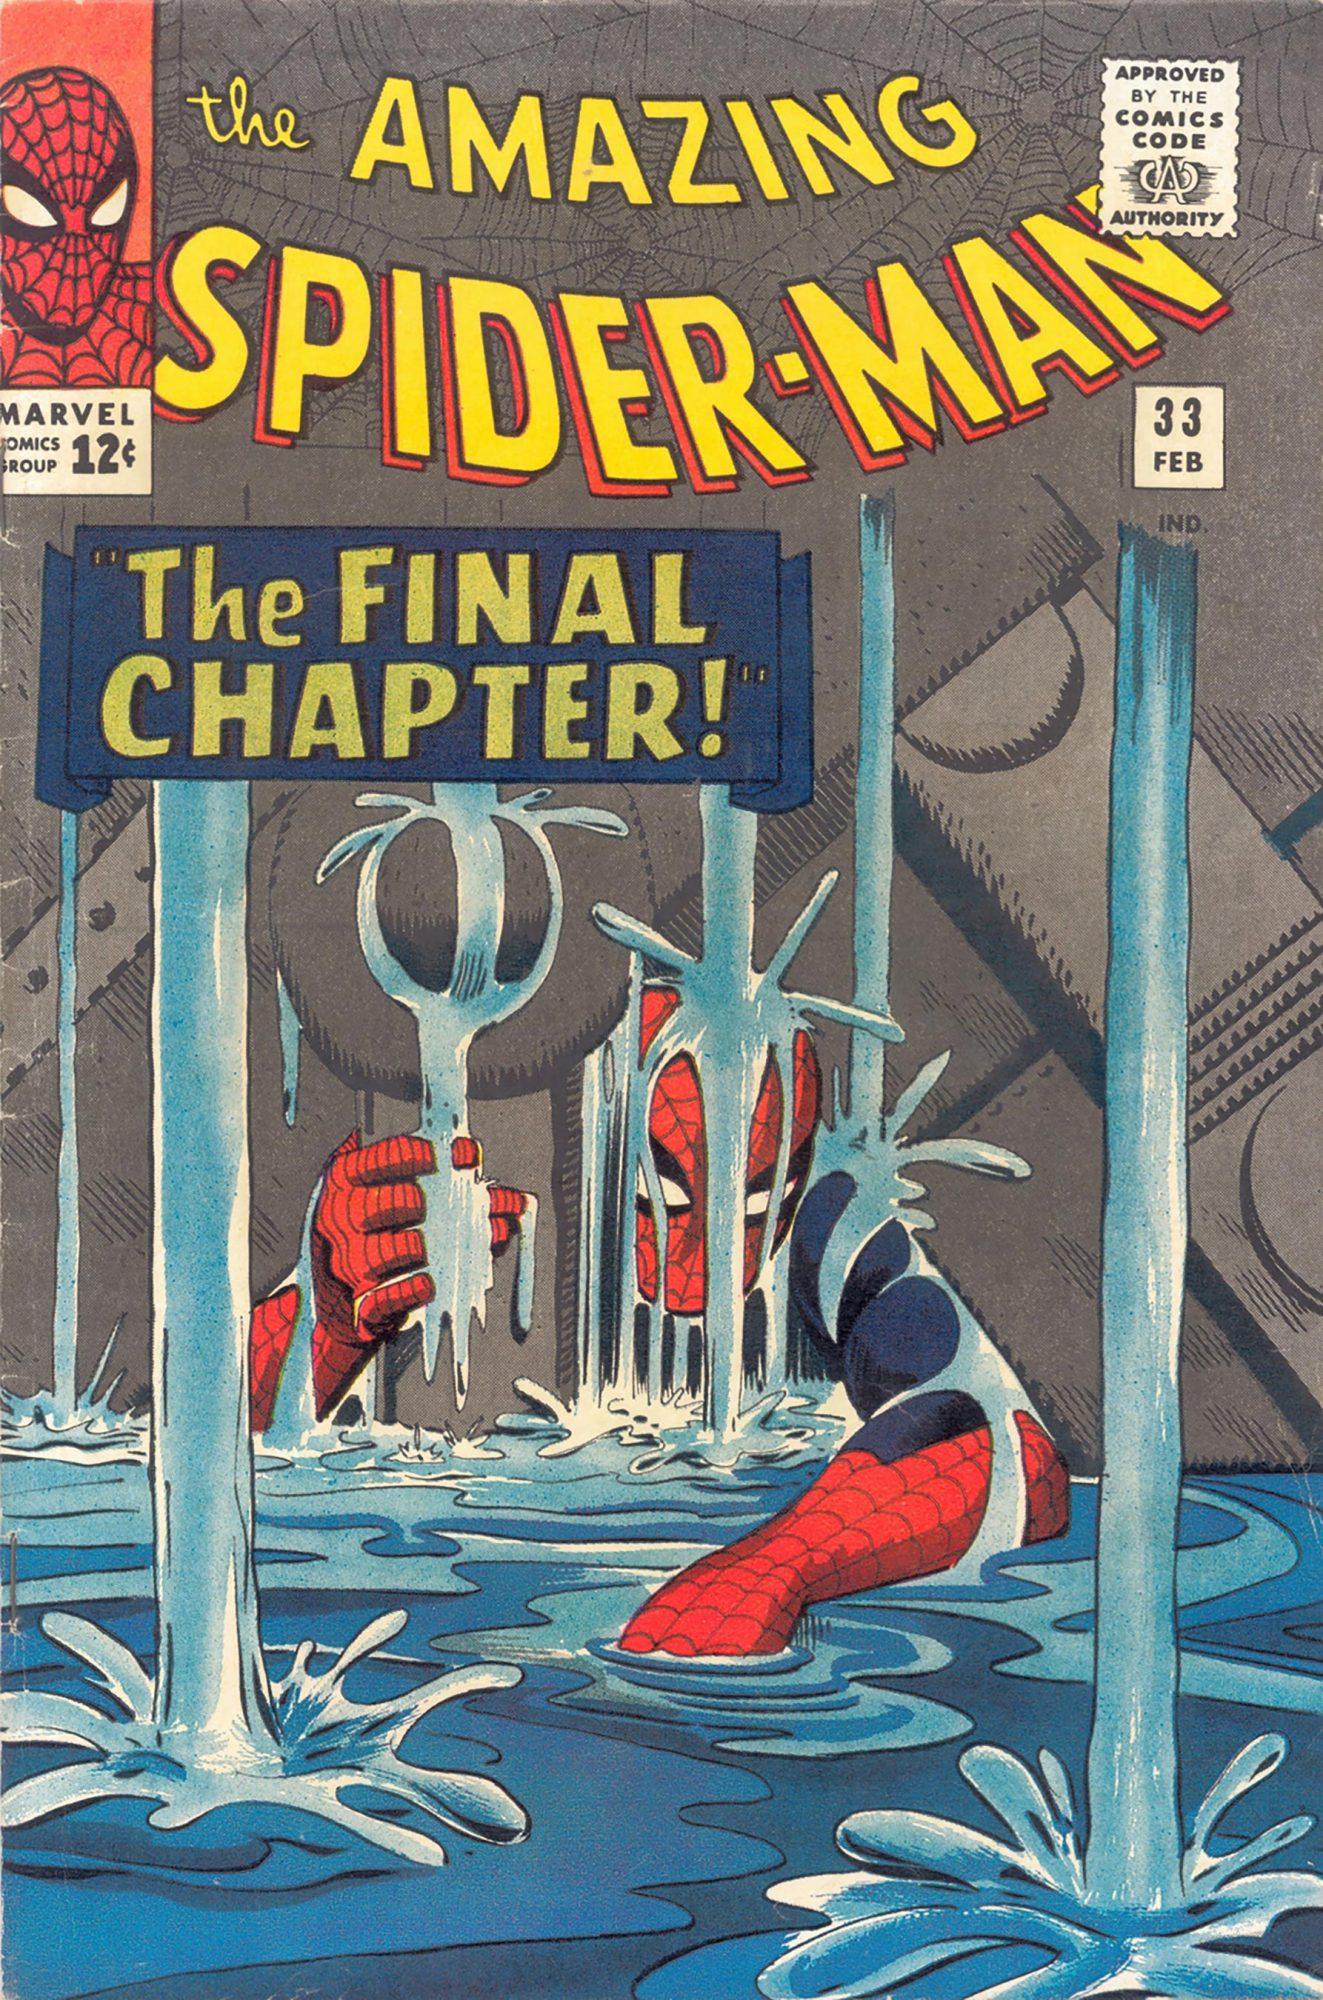 Amazing Spider-Man #33Artist: Steve Ditko, 1966